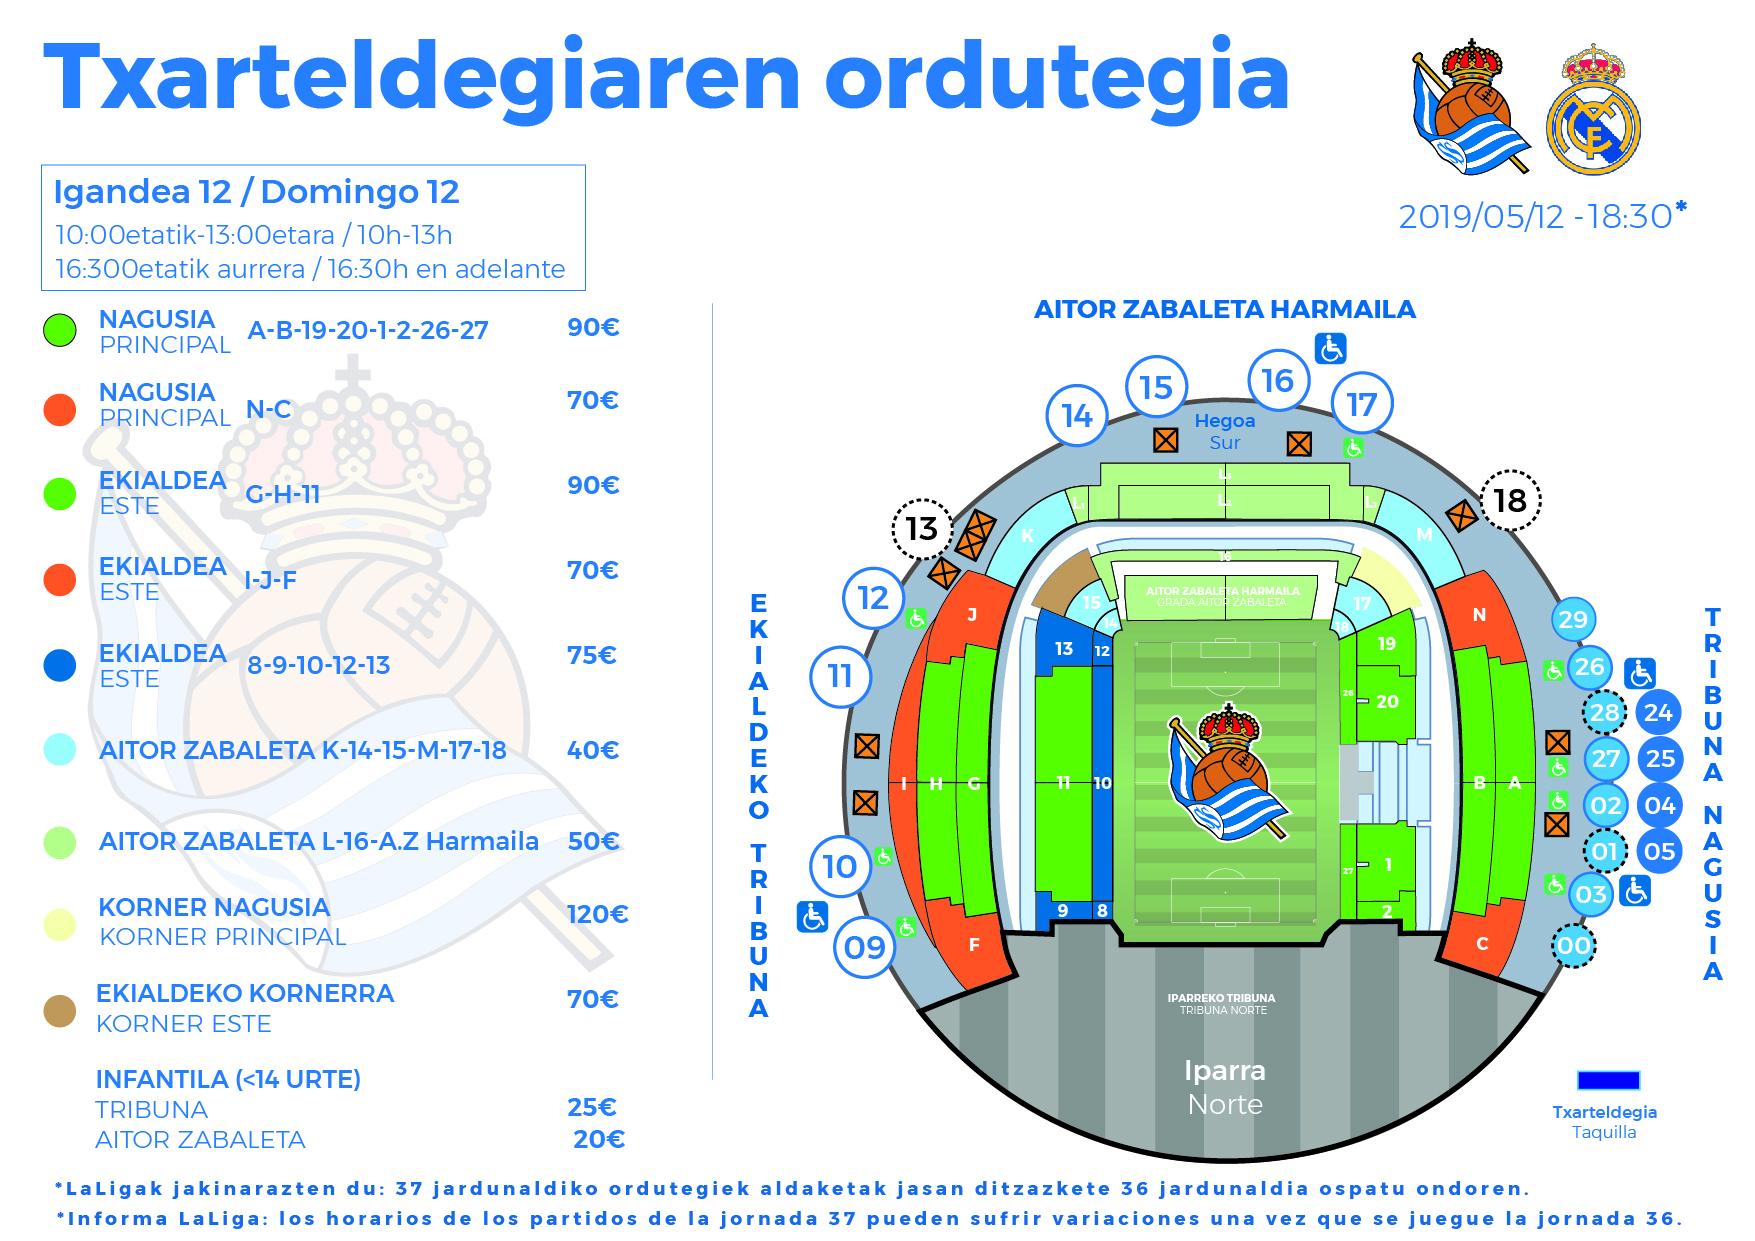 42e59b6db Las entradas adquiridas no admiten cambios ni devoluciones. La Real Sociedad  no se hará responsable de las entradas vendidas en canales no oficiales.